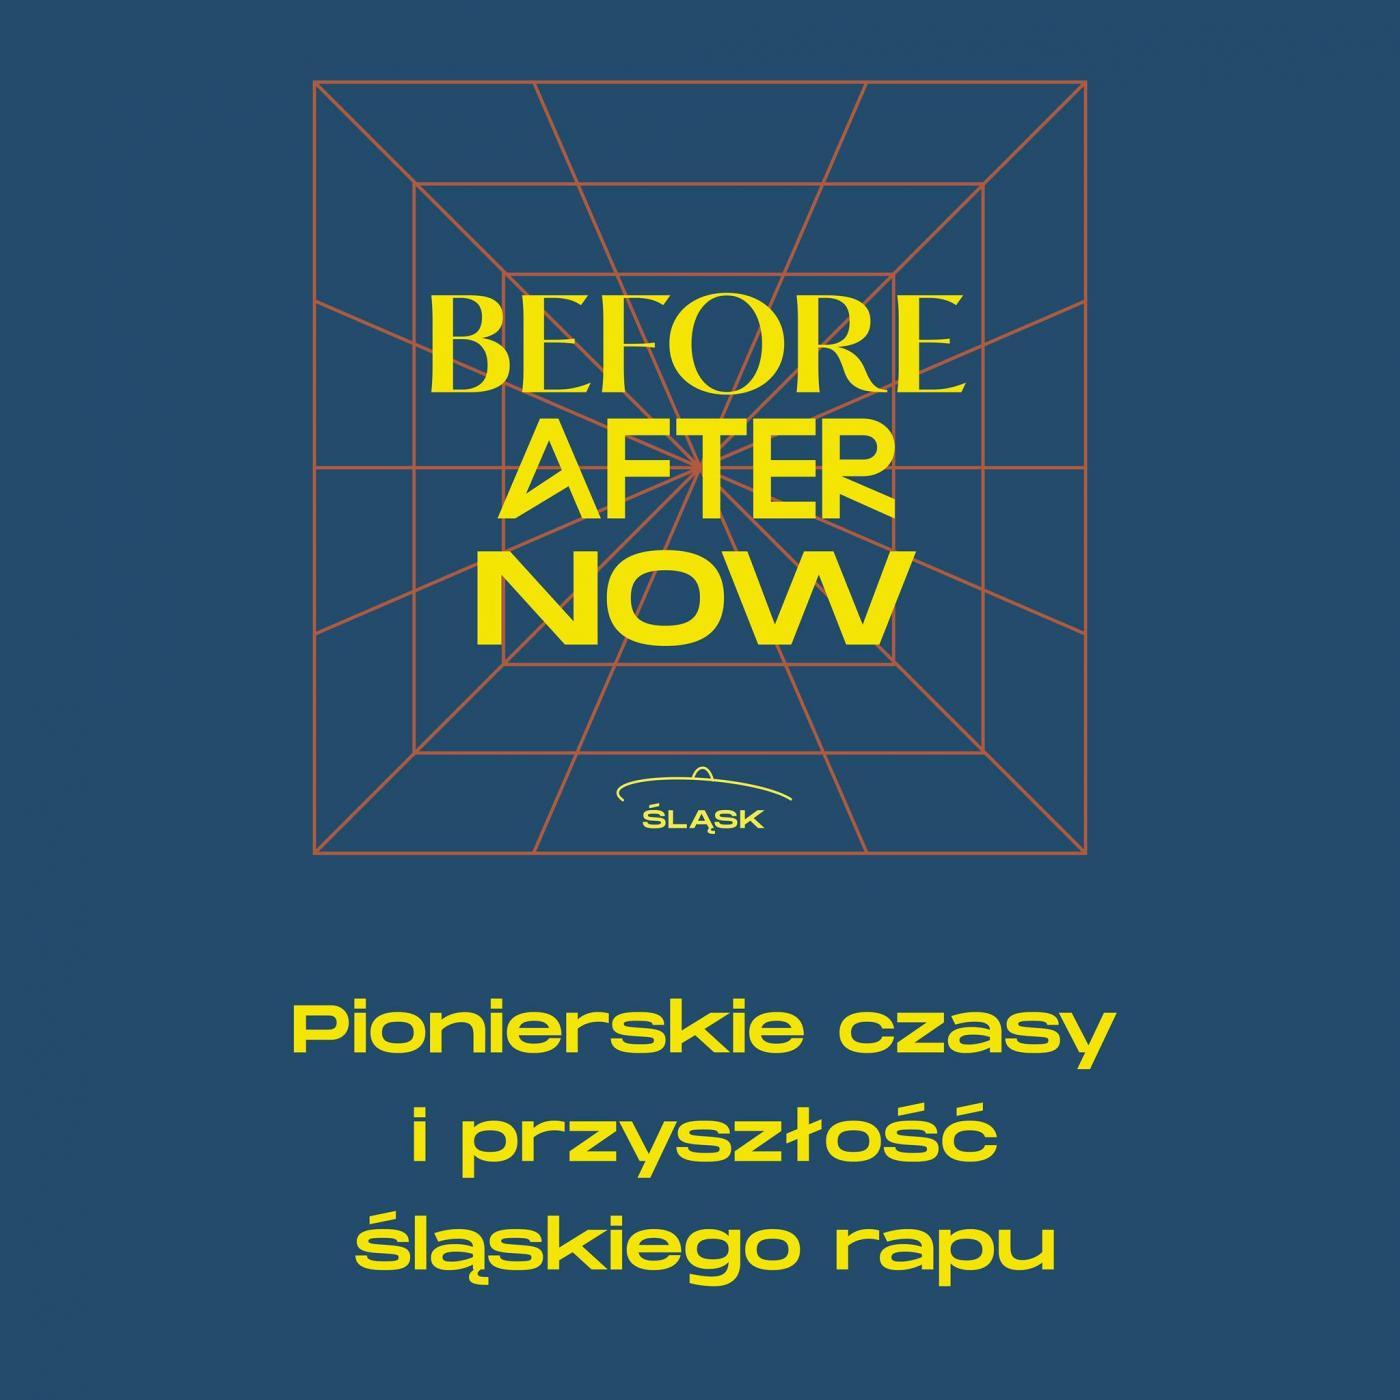 Before/After/Now - przedsięwzięcie czerpiące z lokalnych scen i tradycji muzycznych